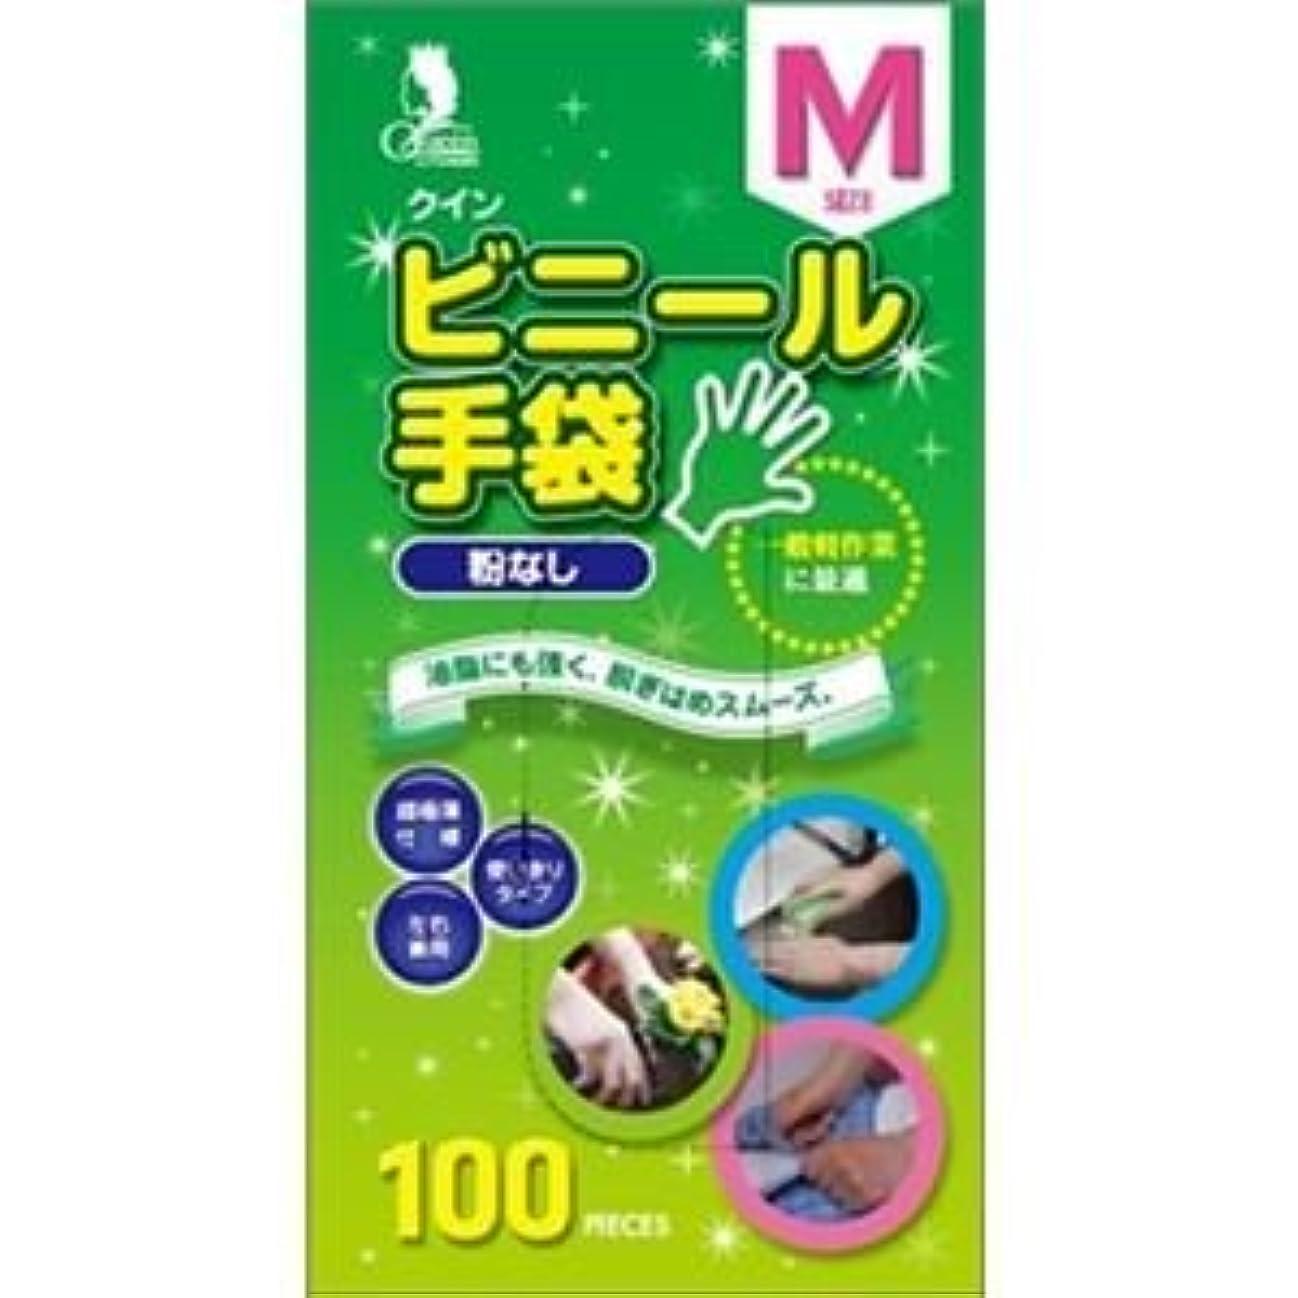 パイ重くする銅(まとめ)宇都宮製作 クインビニール手袋100枚入 M (N) 【×3点セット】